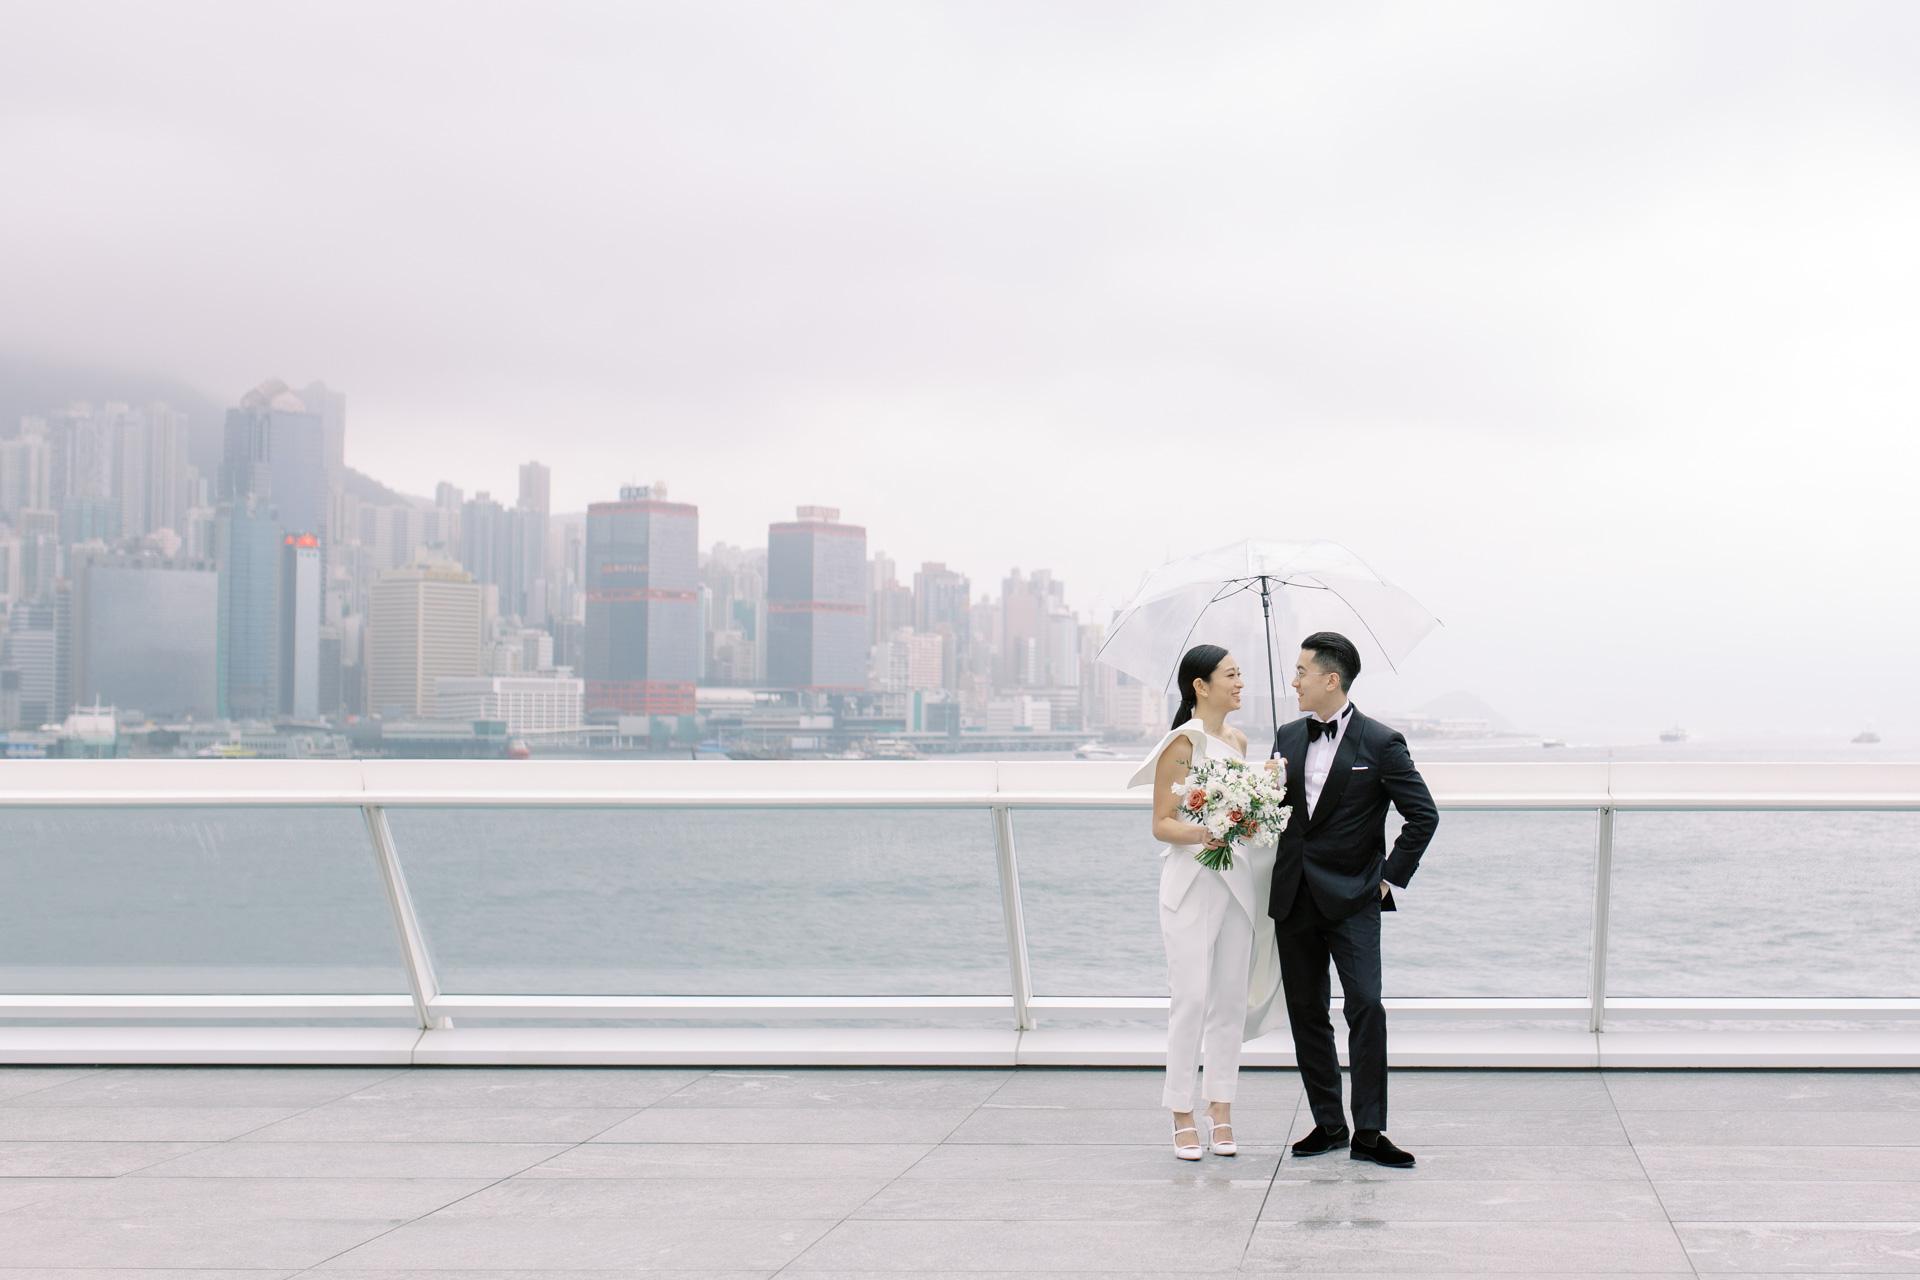 nikkiloveu-hongkong-wedding-day-hexa-ant-cat-lauhaus-006.jpg